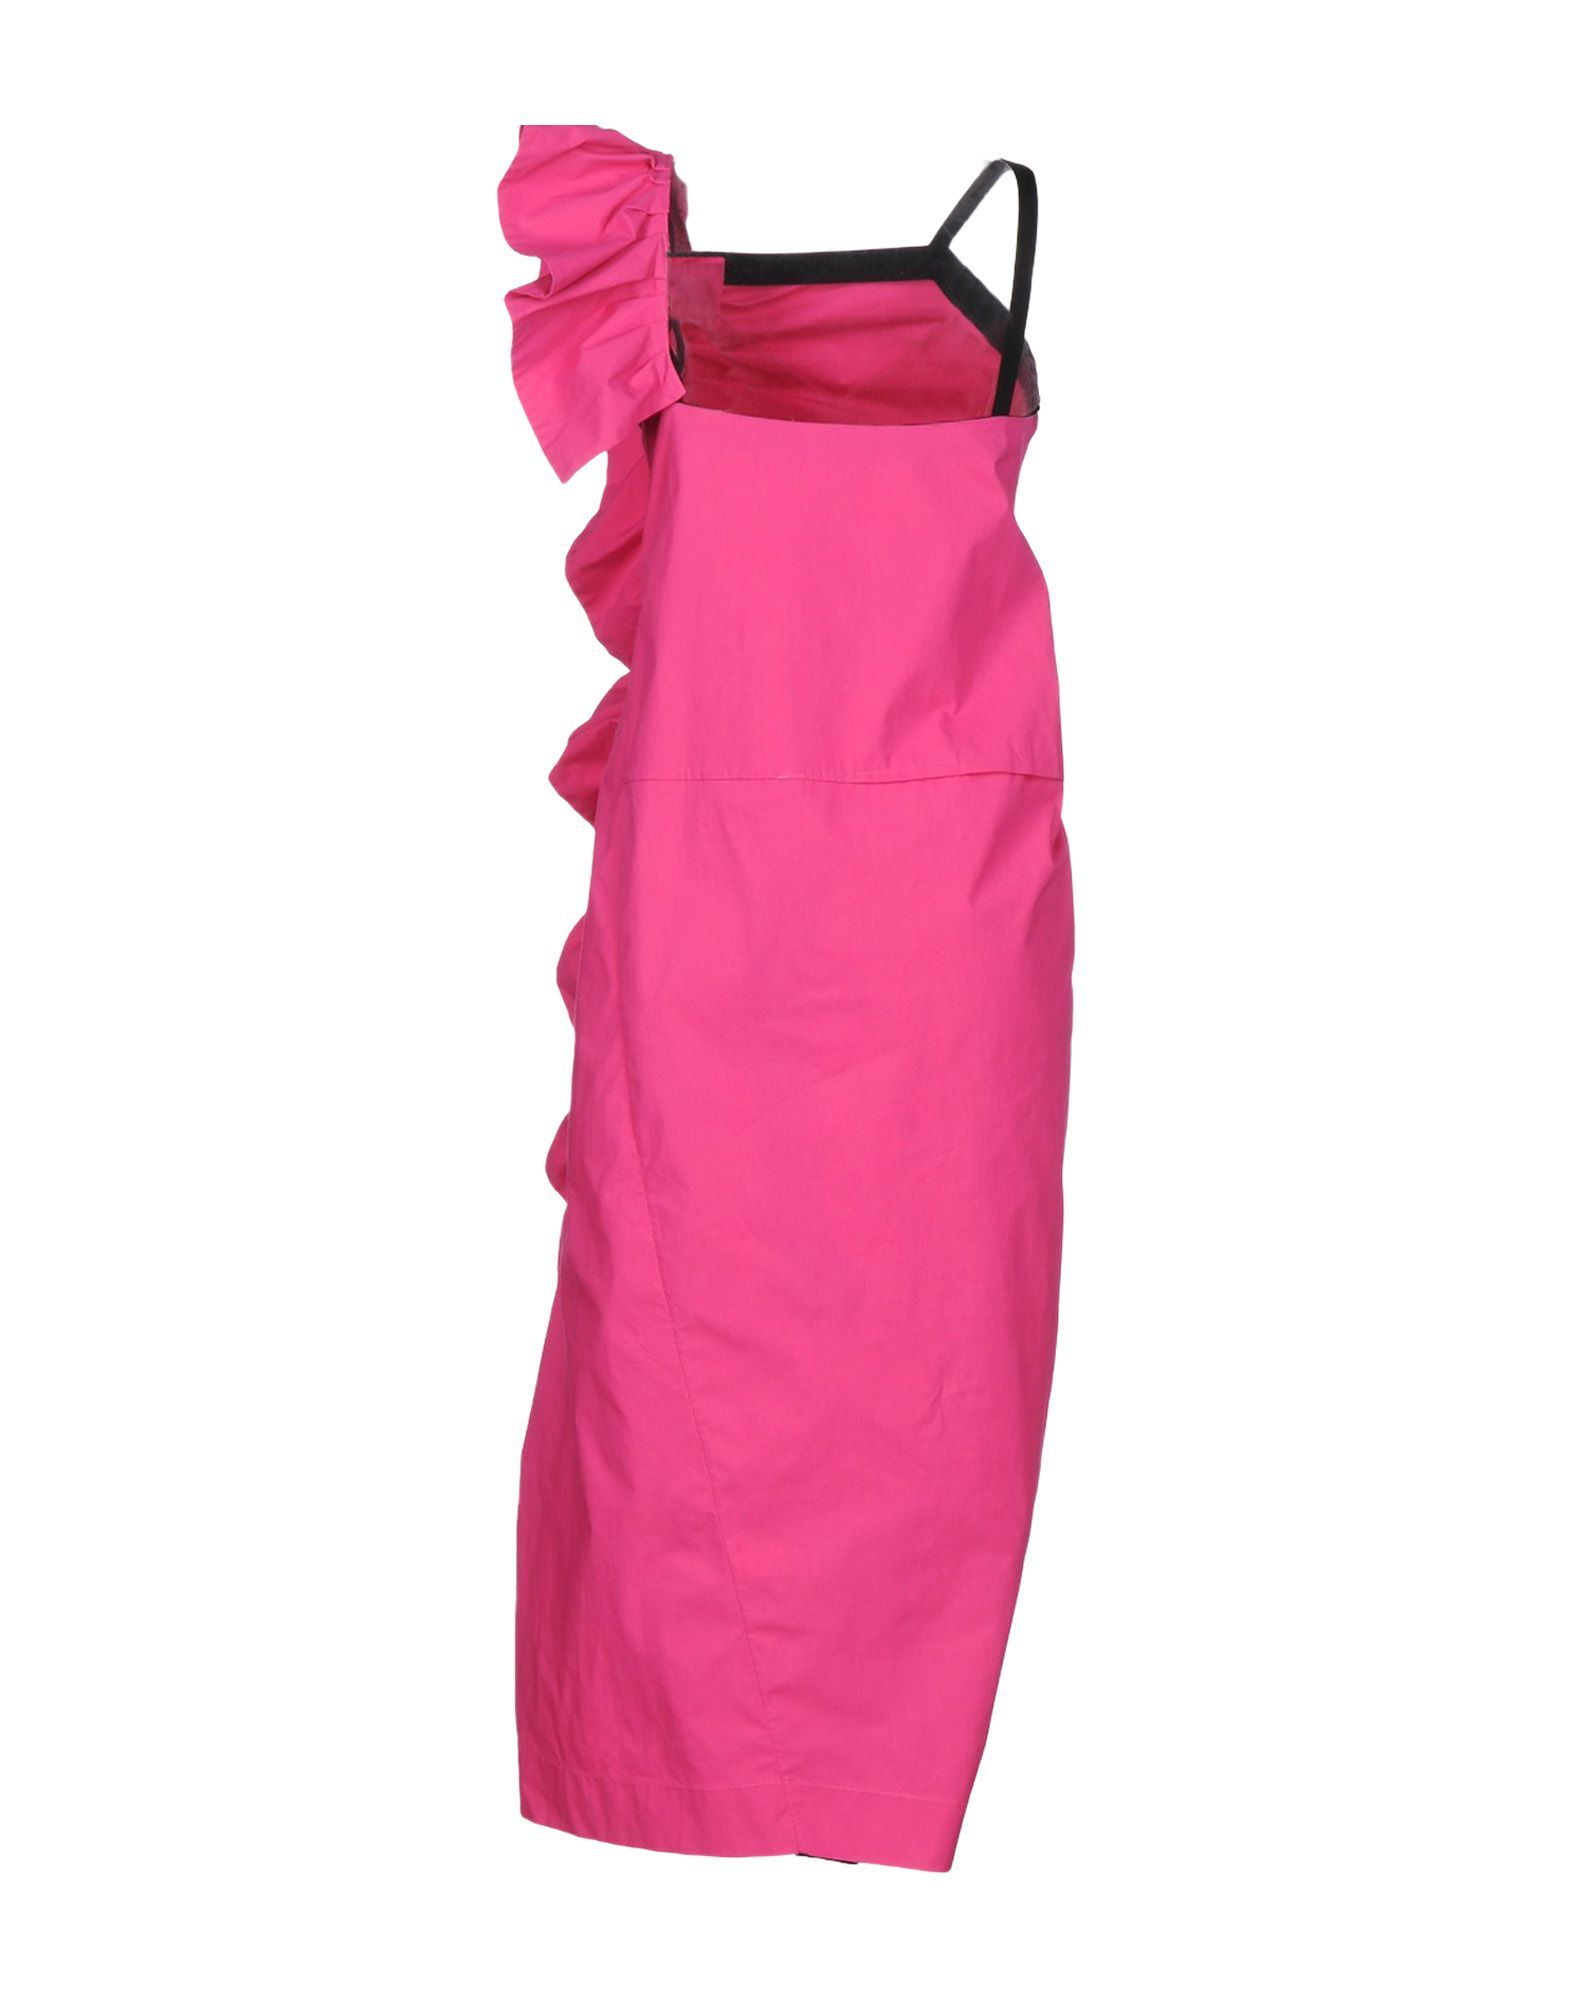 Isa Arfen Fuchsia Cotton Ruffle Dress